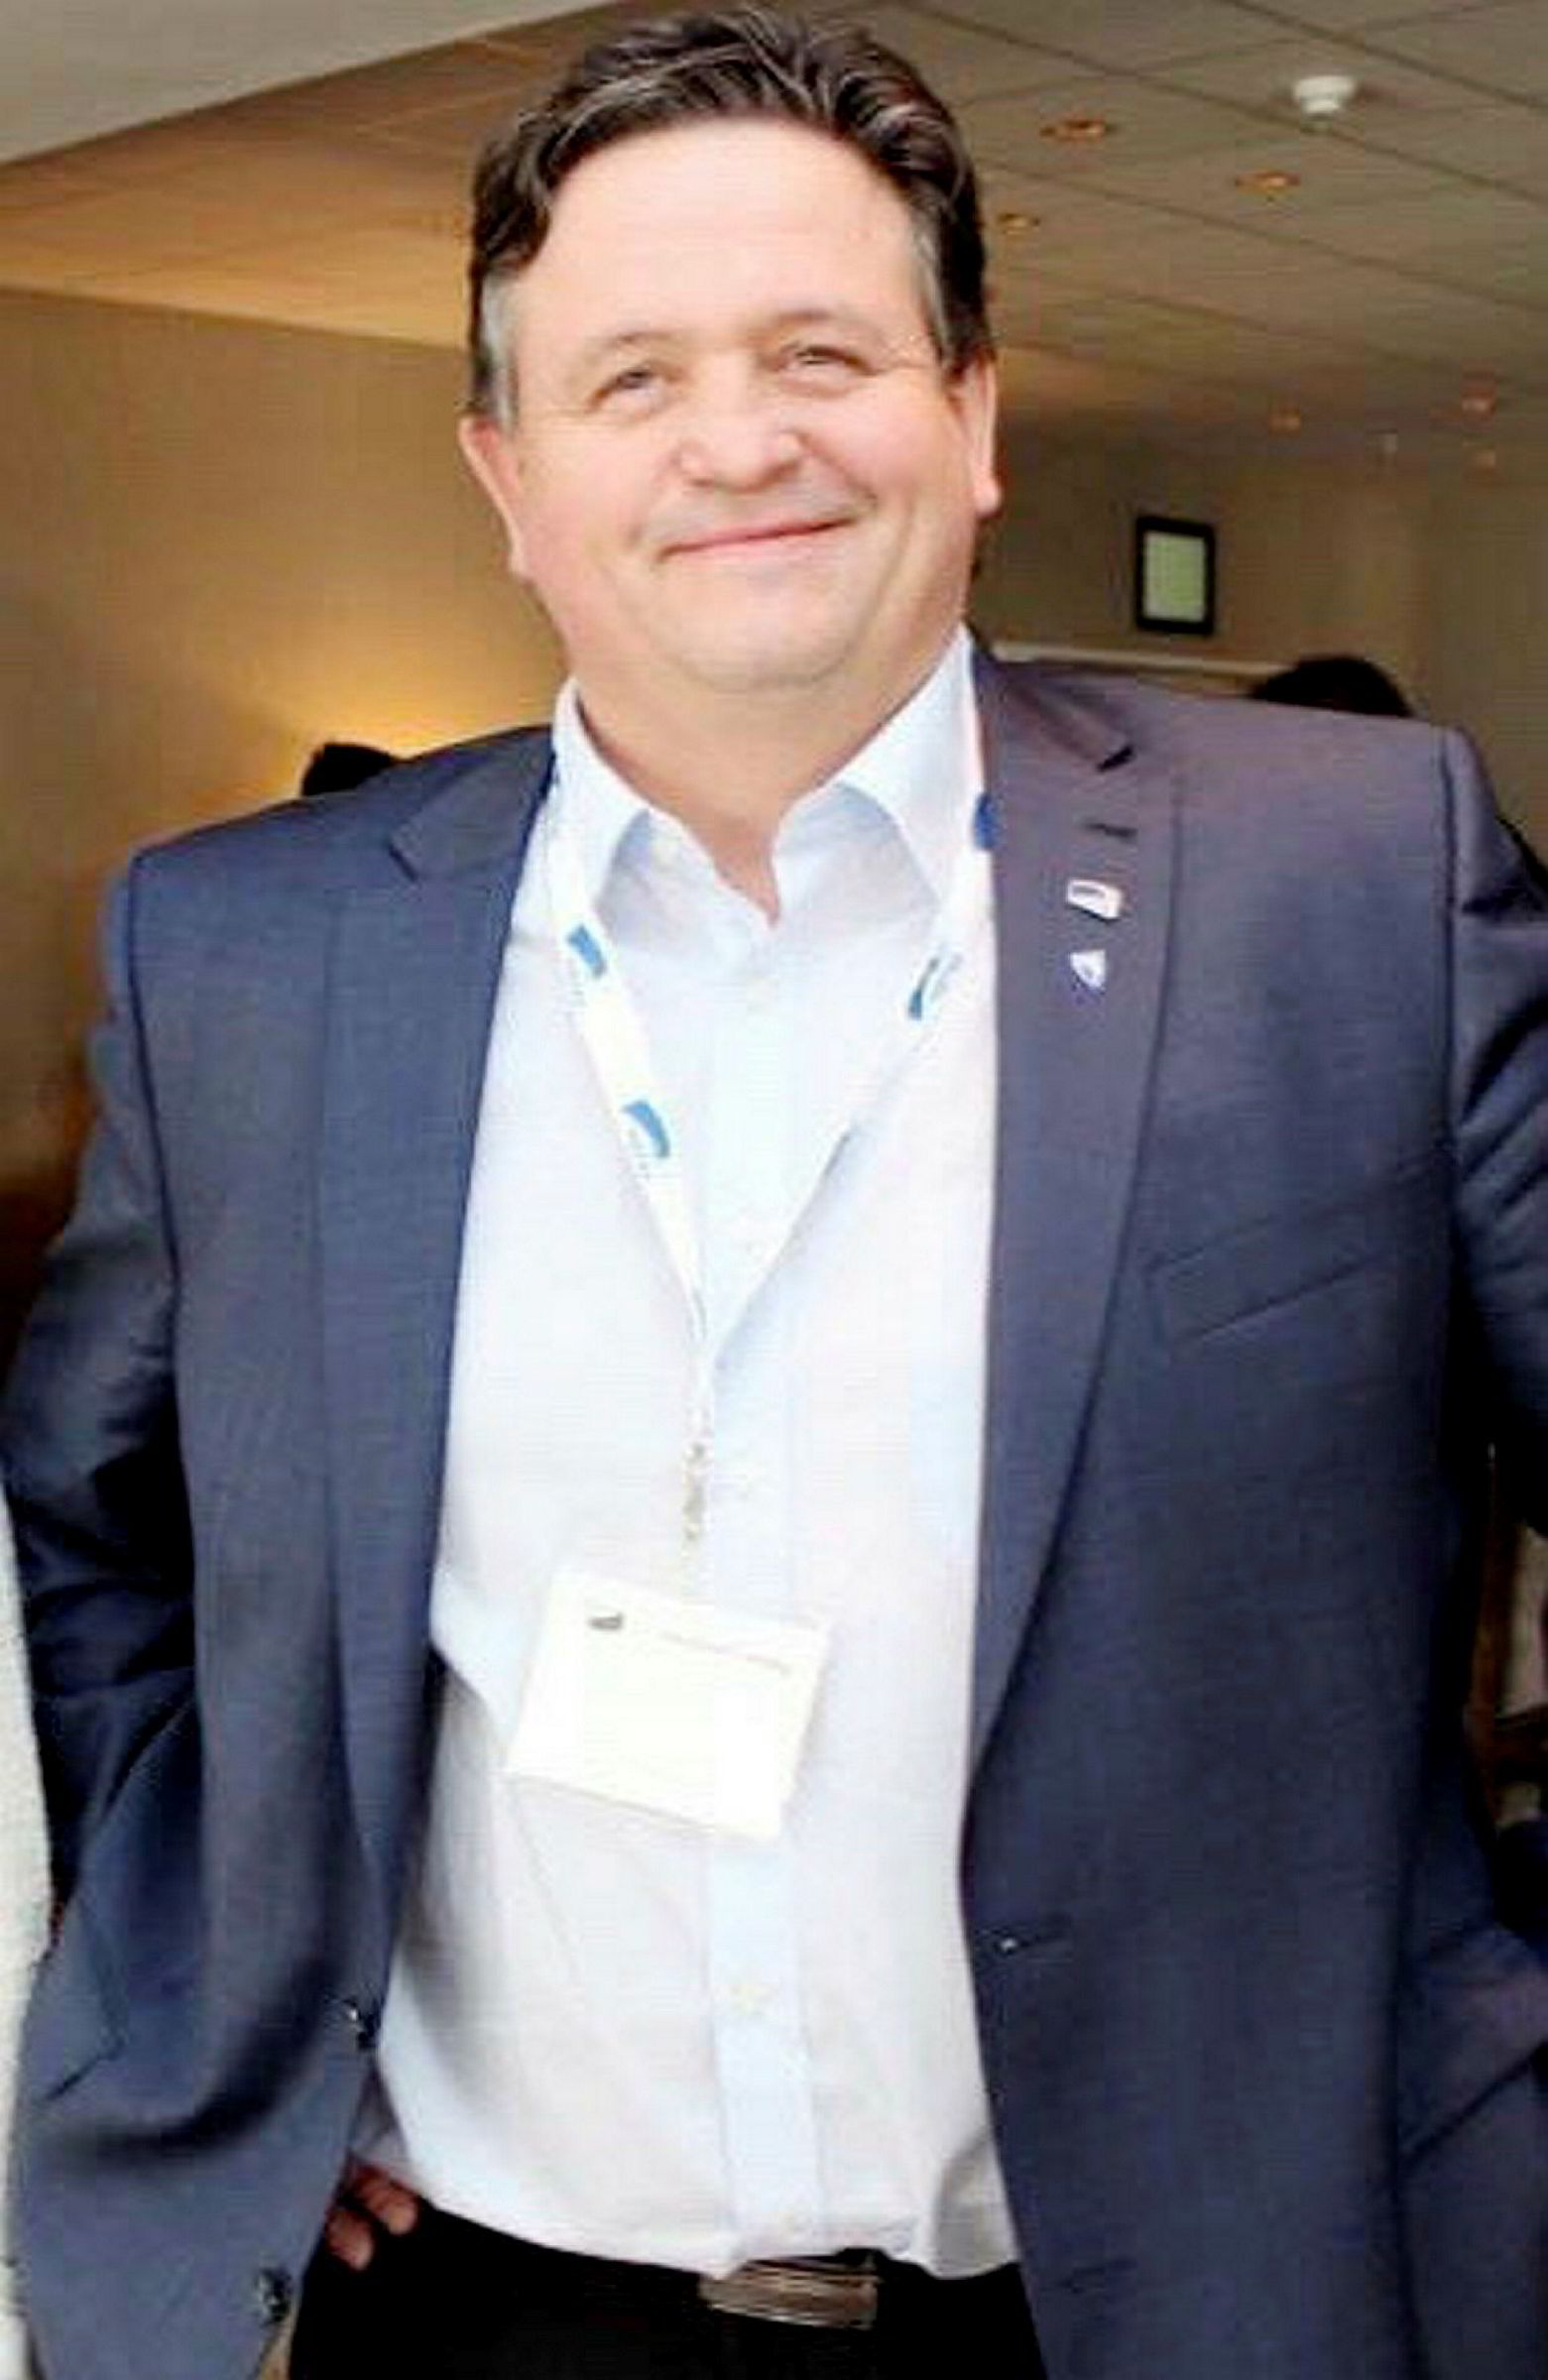 Ordfører Eivind Holst i Vågan kommune.